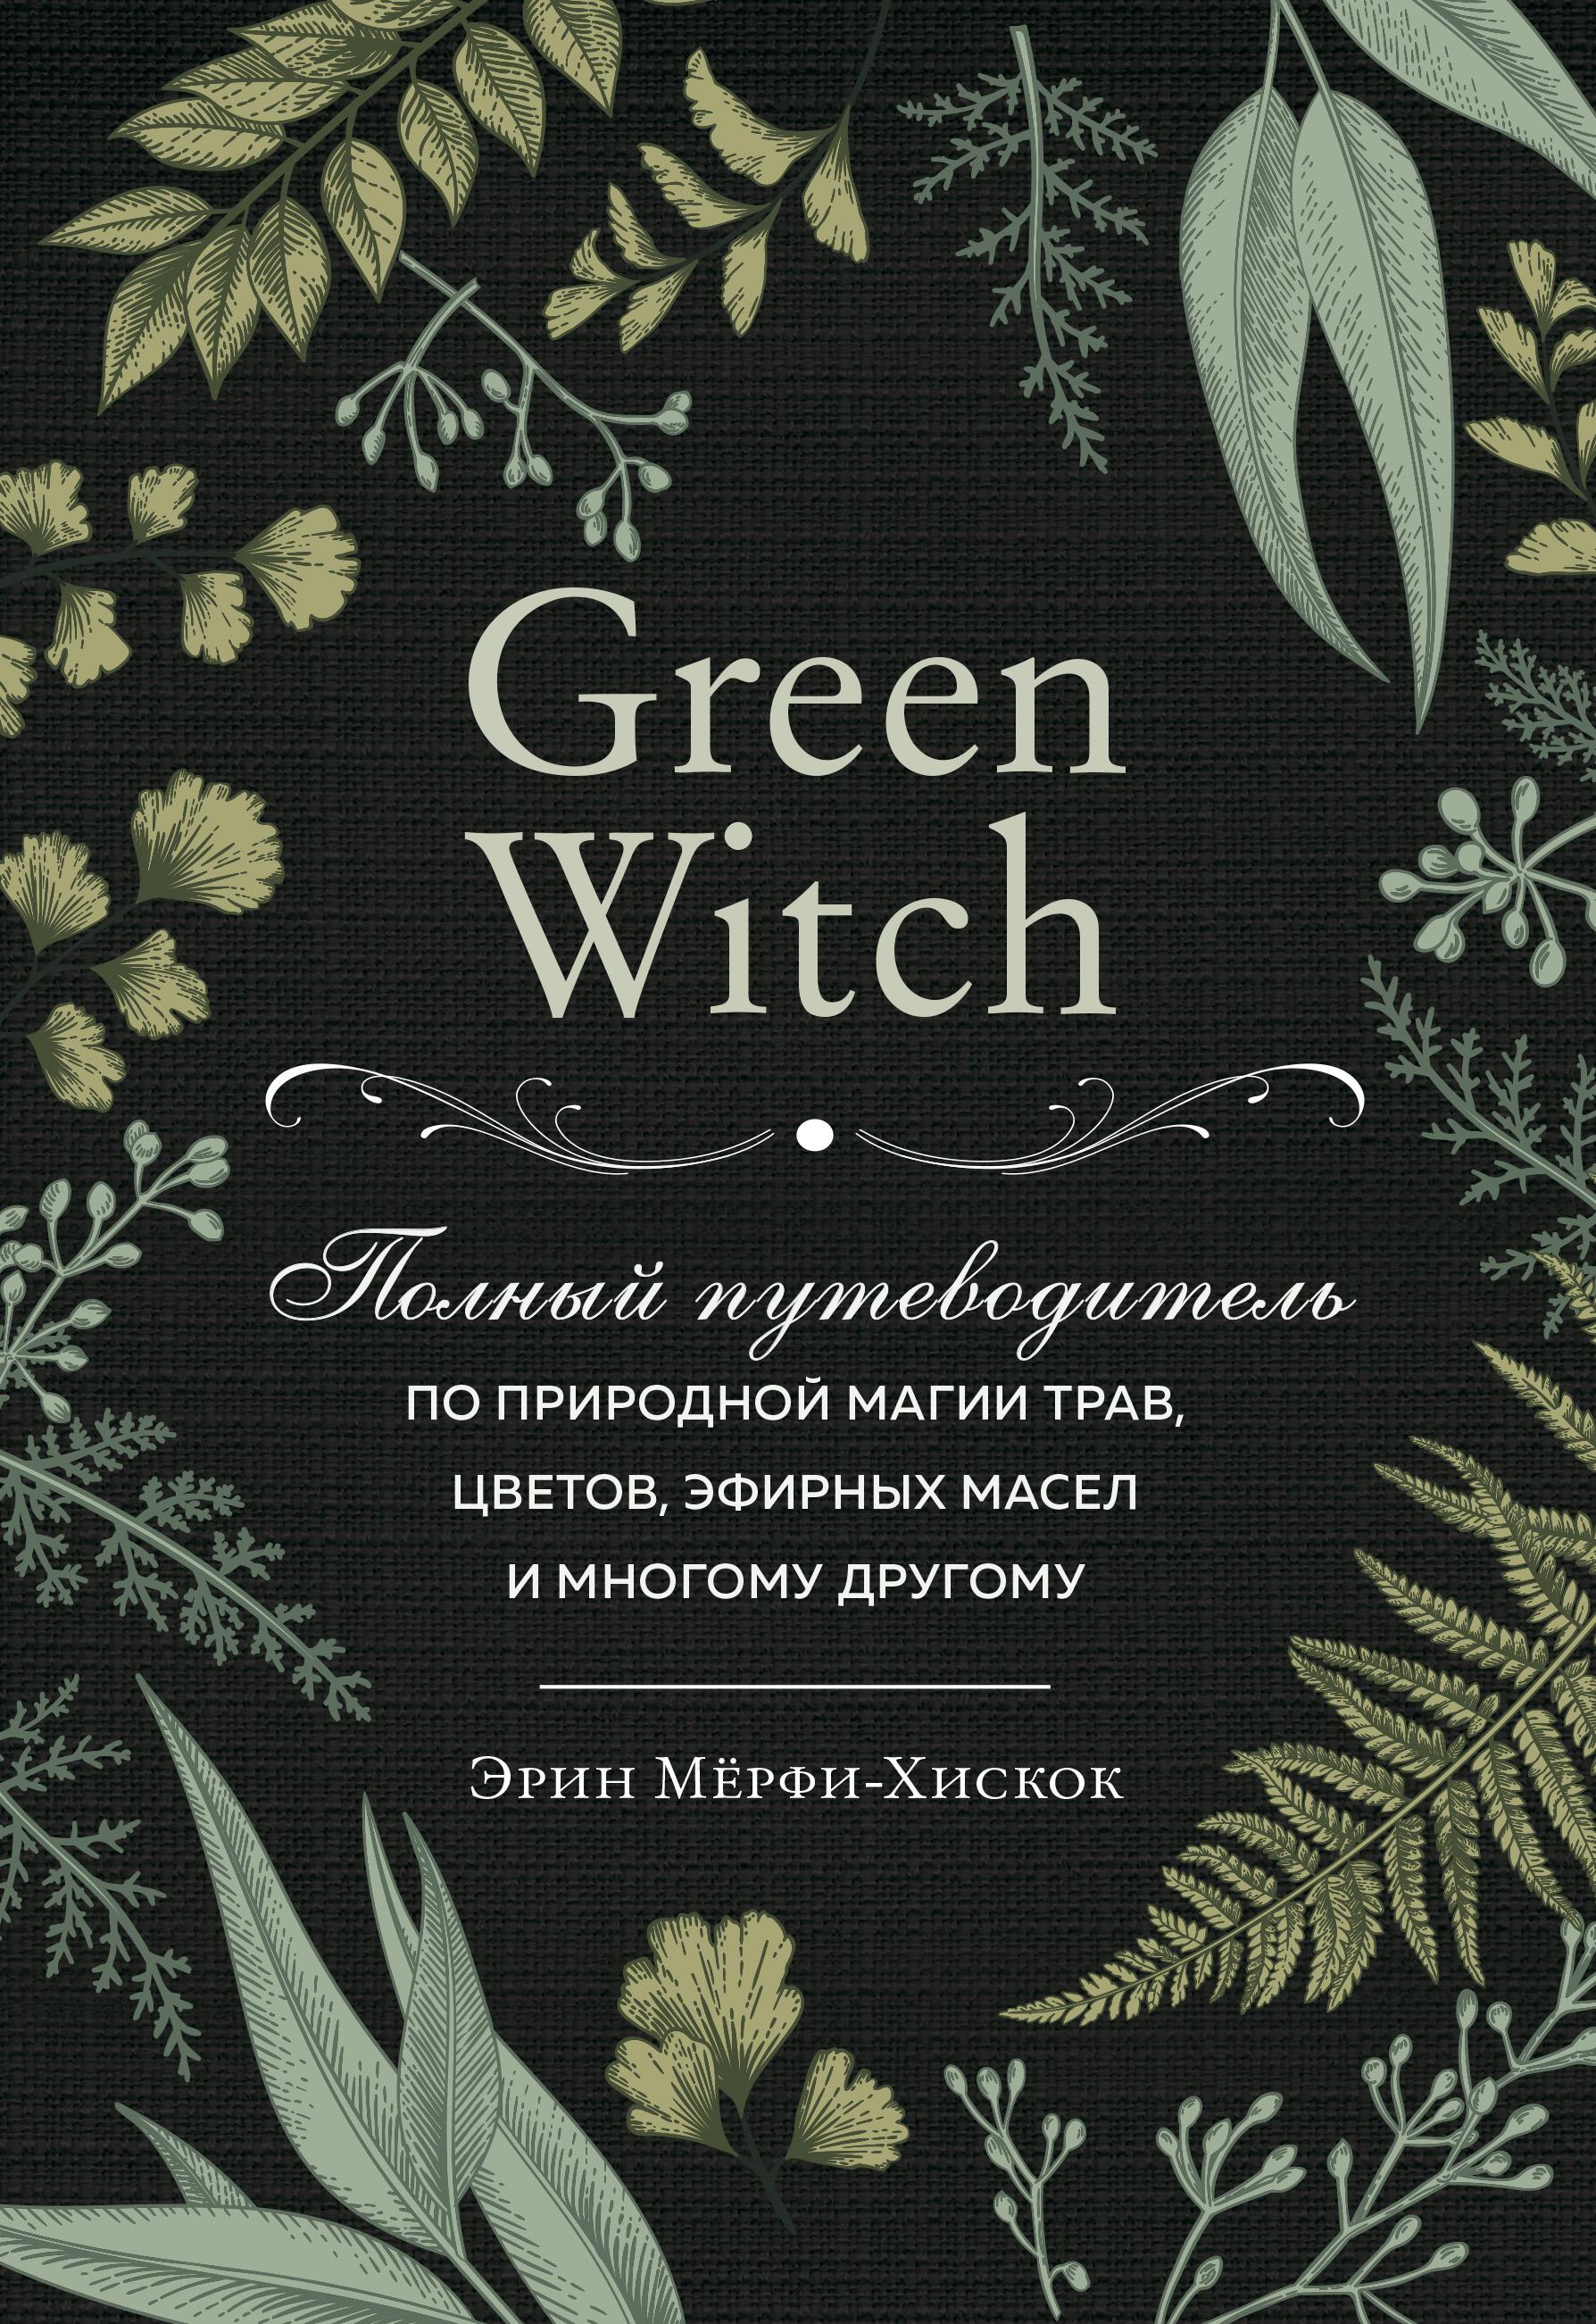 Купить книгу Green Witch. Полный путеводитель по природной магии трав, цветов, эфирных масел и многому другому, автора Эрин Мёрфи-Хискок